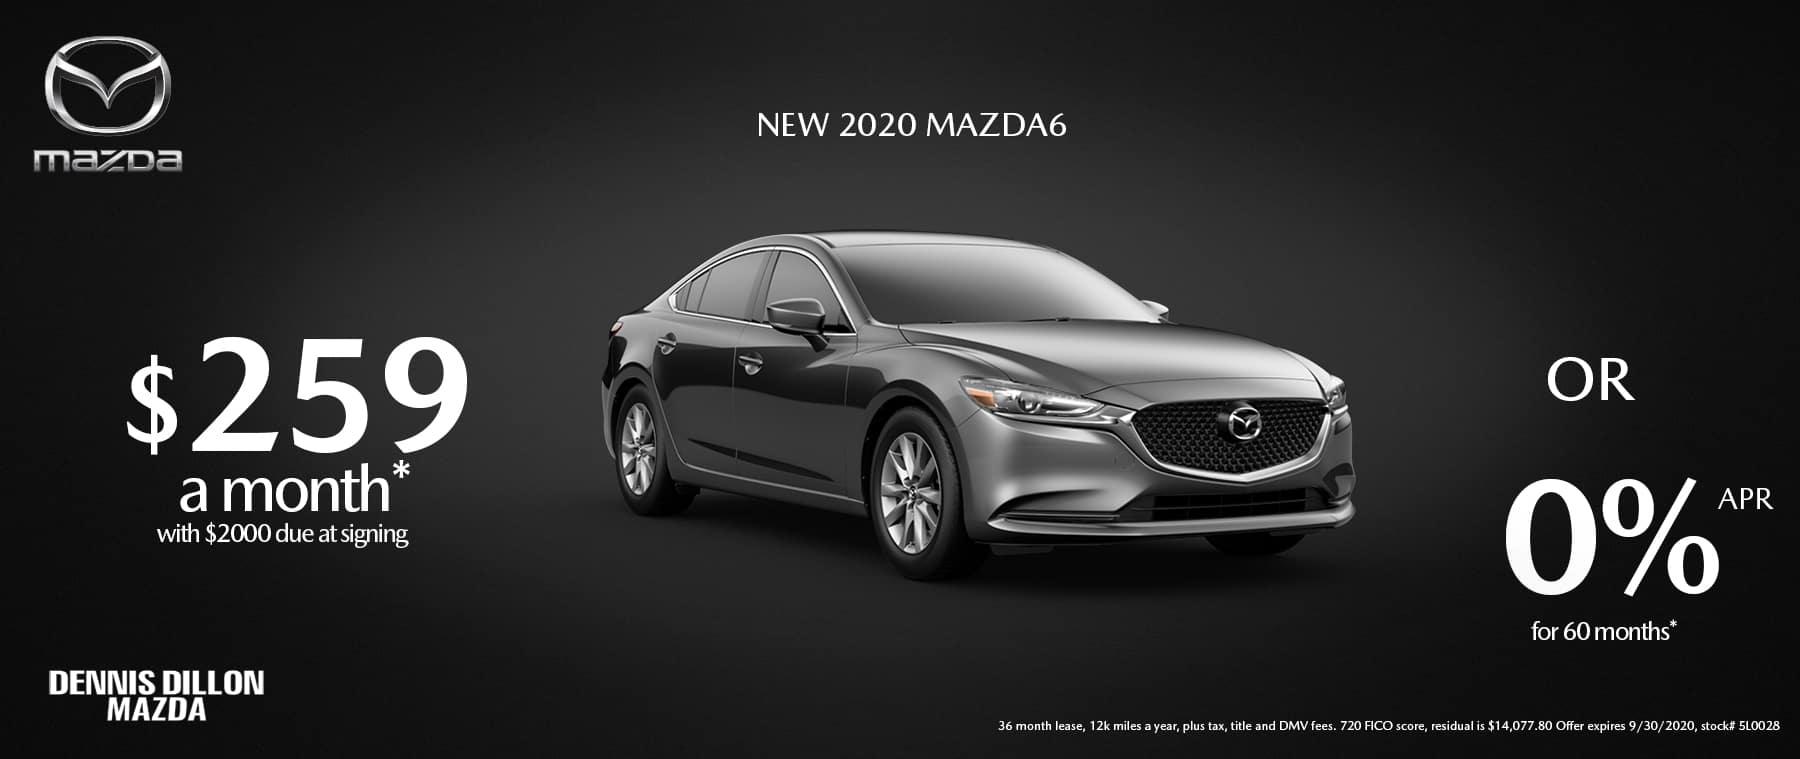 Mazda6 SEPT 2020